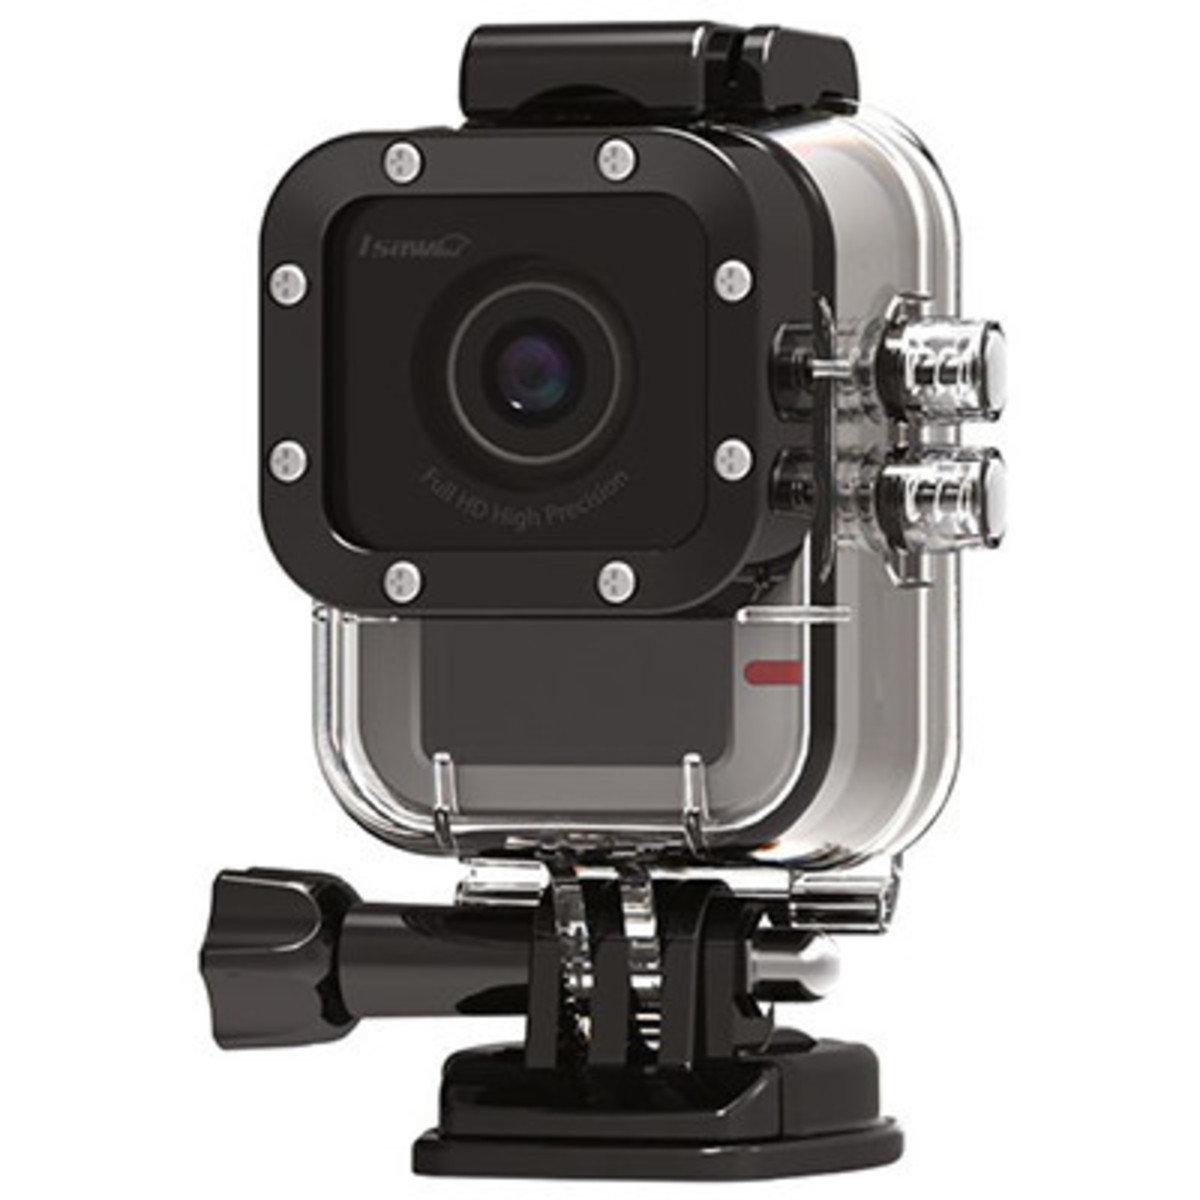 ISAW A2 ACE (韓國製造) 全高清1080P運動攝影機 連50米防水殼